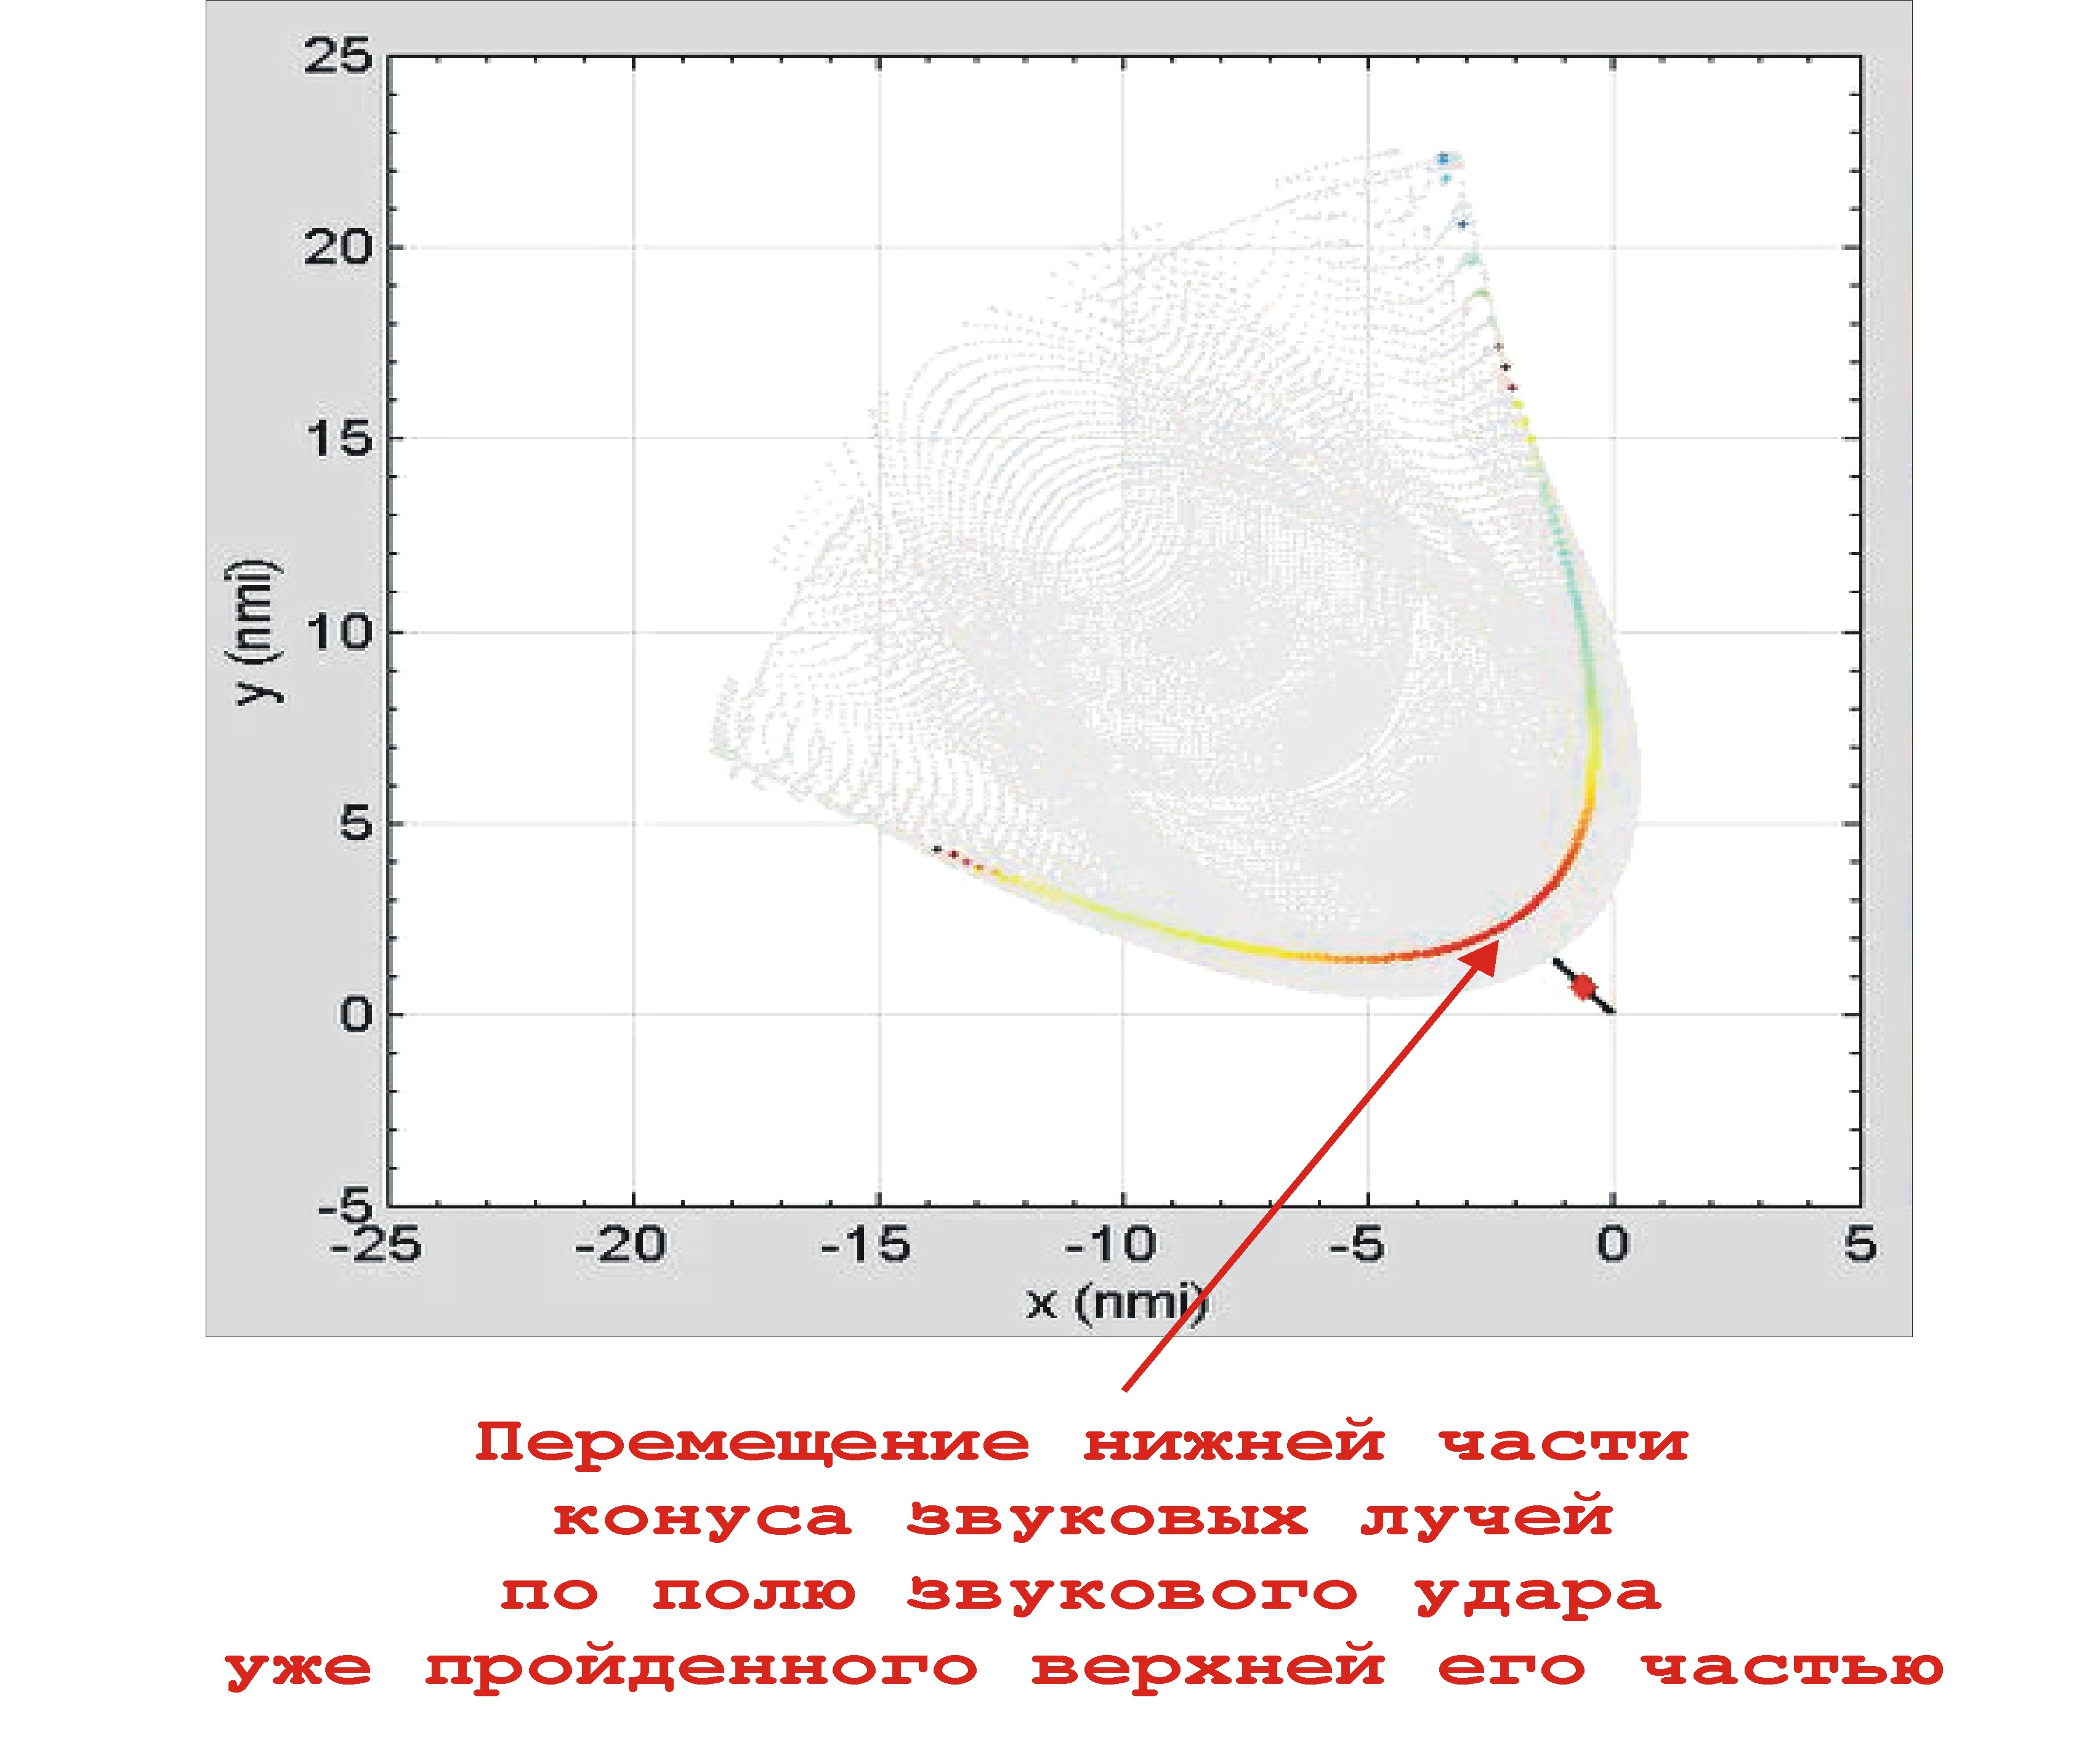 http://images.vfl.ru/ii/1511180247/b7dbd3d1/19496996.jpg